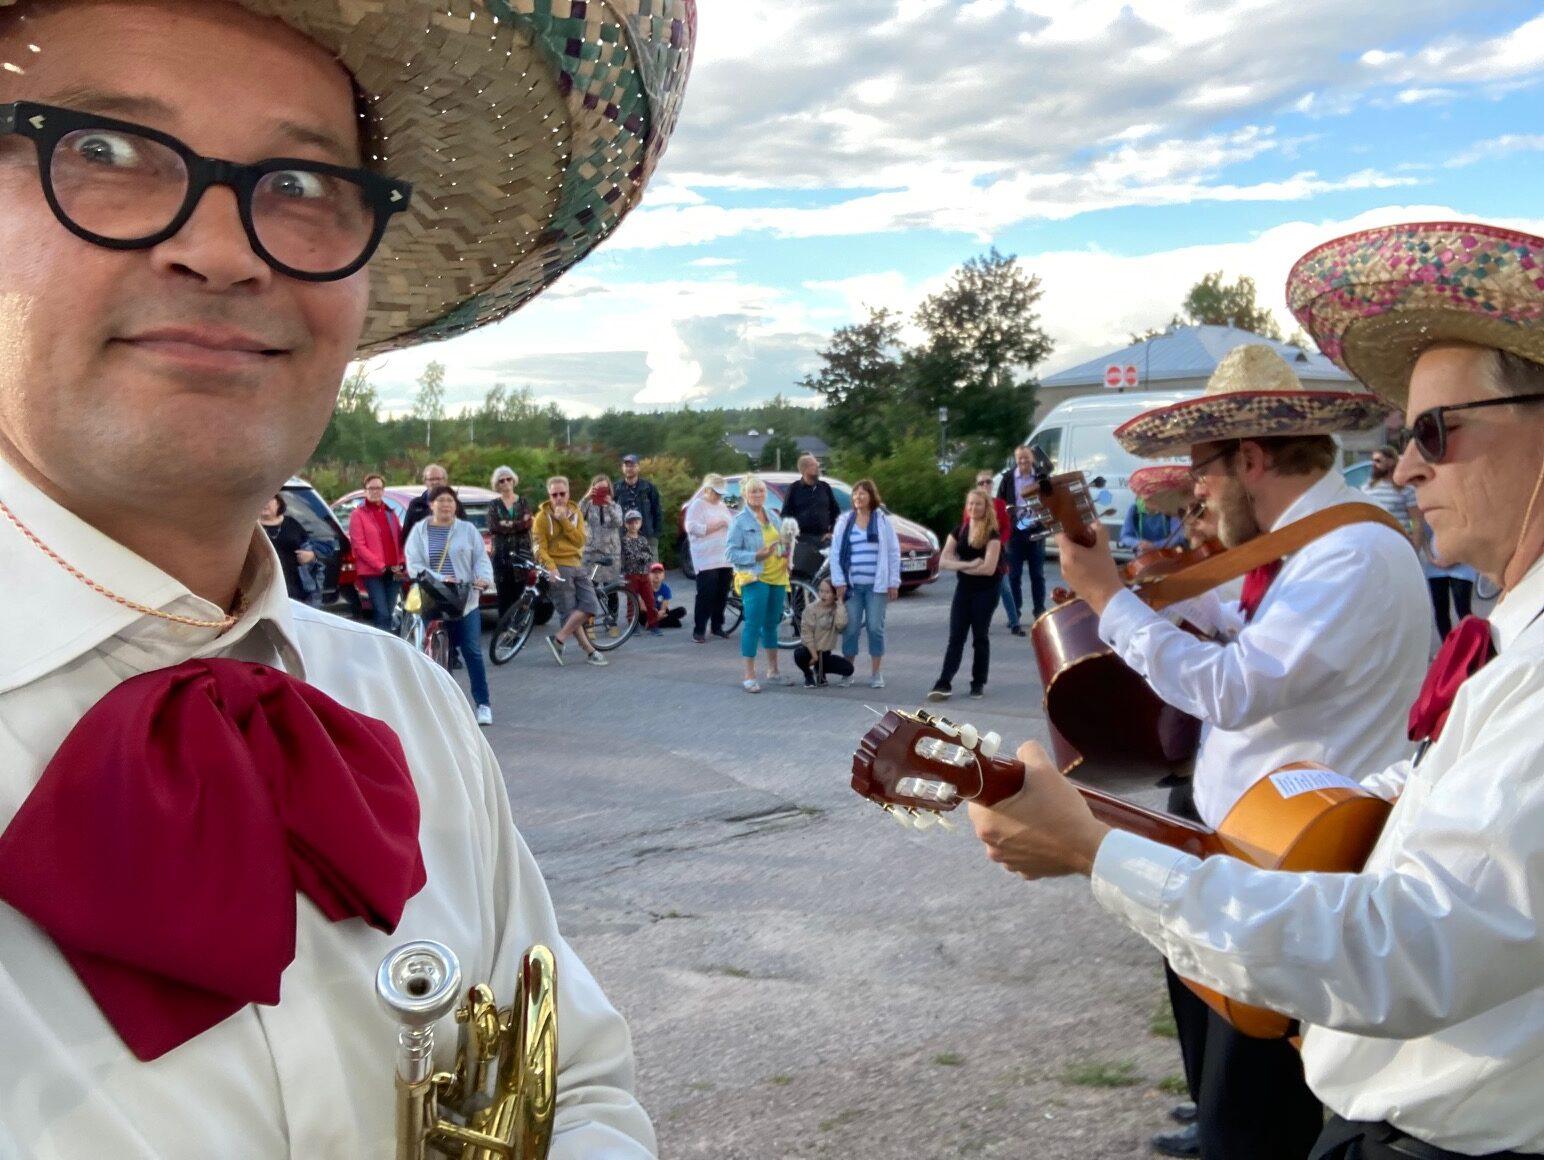 Las Carambas esiintymässä fleimio-liikkeen edustalla Tuusulan taiteiden yö 2020